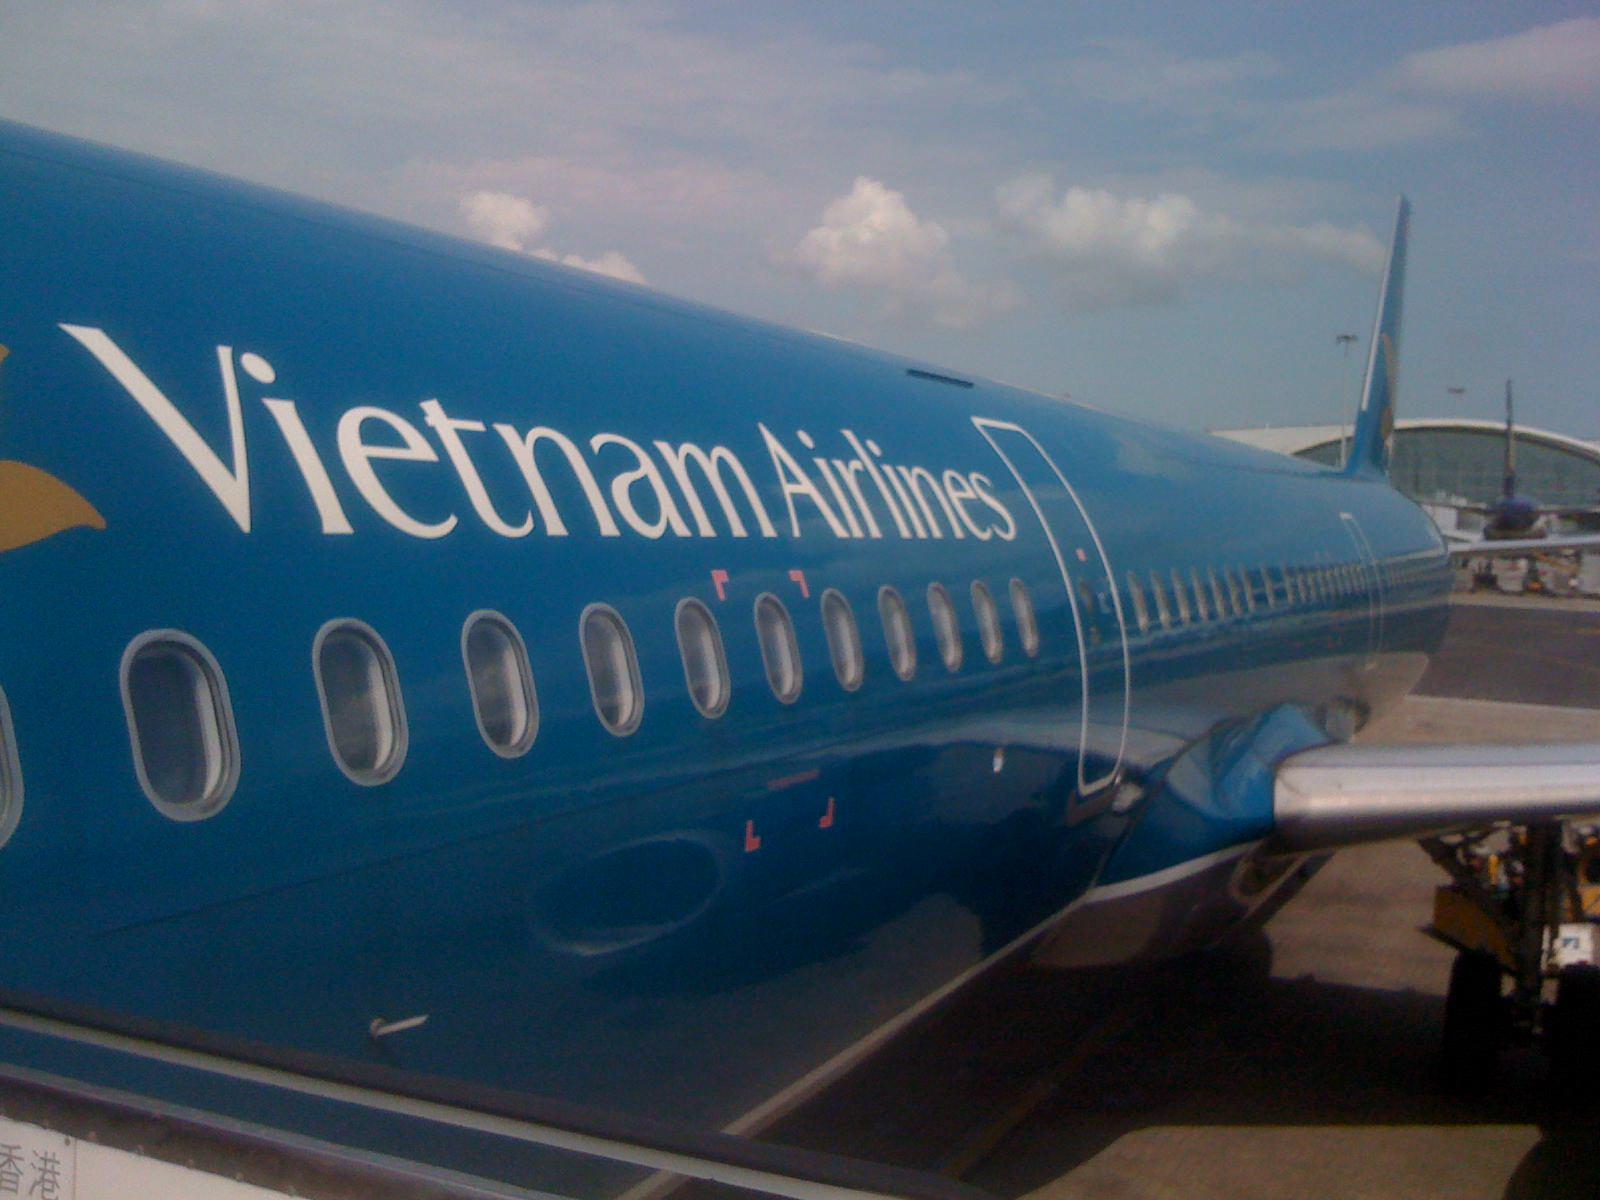 ベトナム航空のゴールデンロータスクラブ